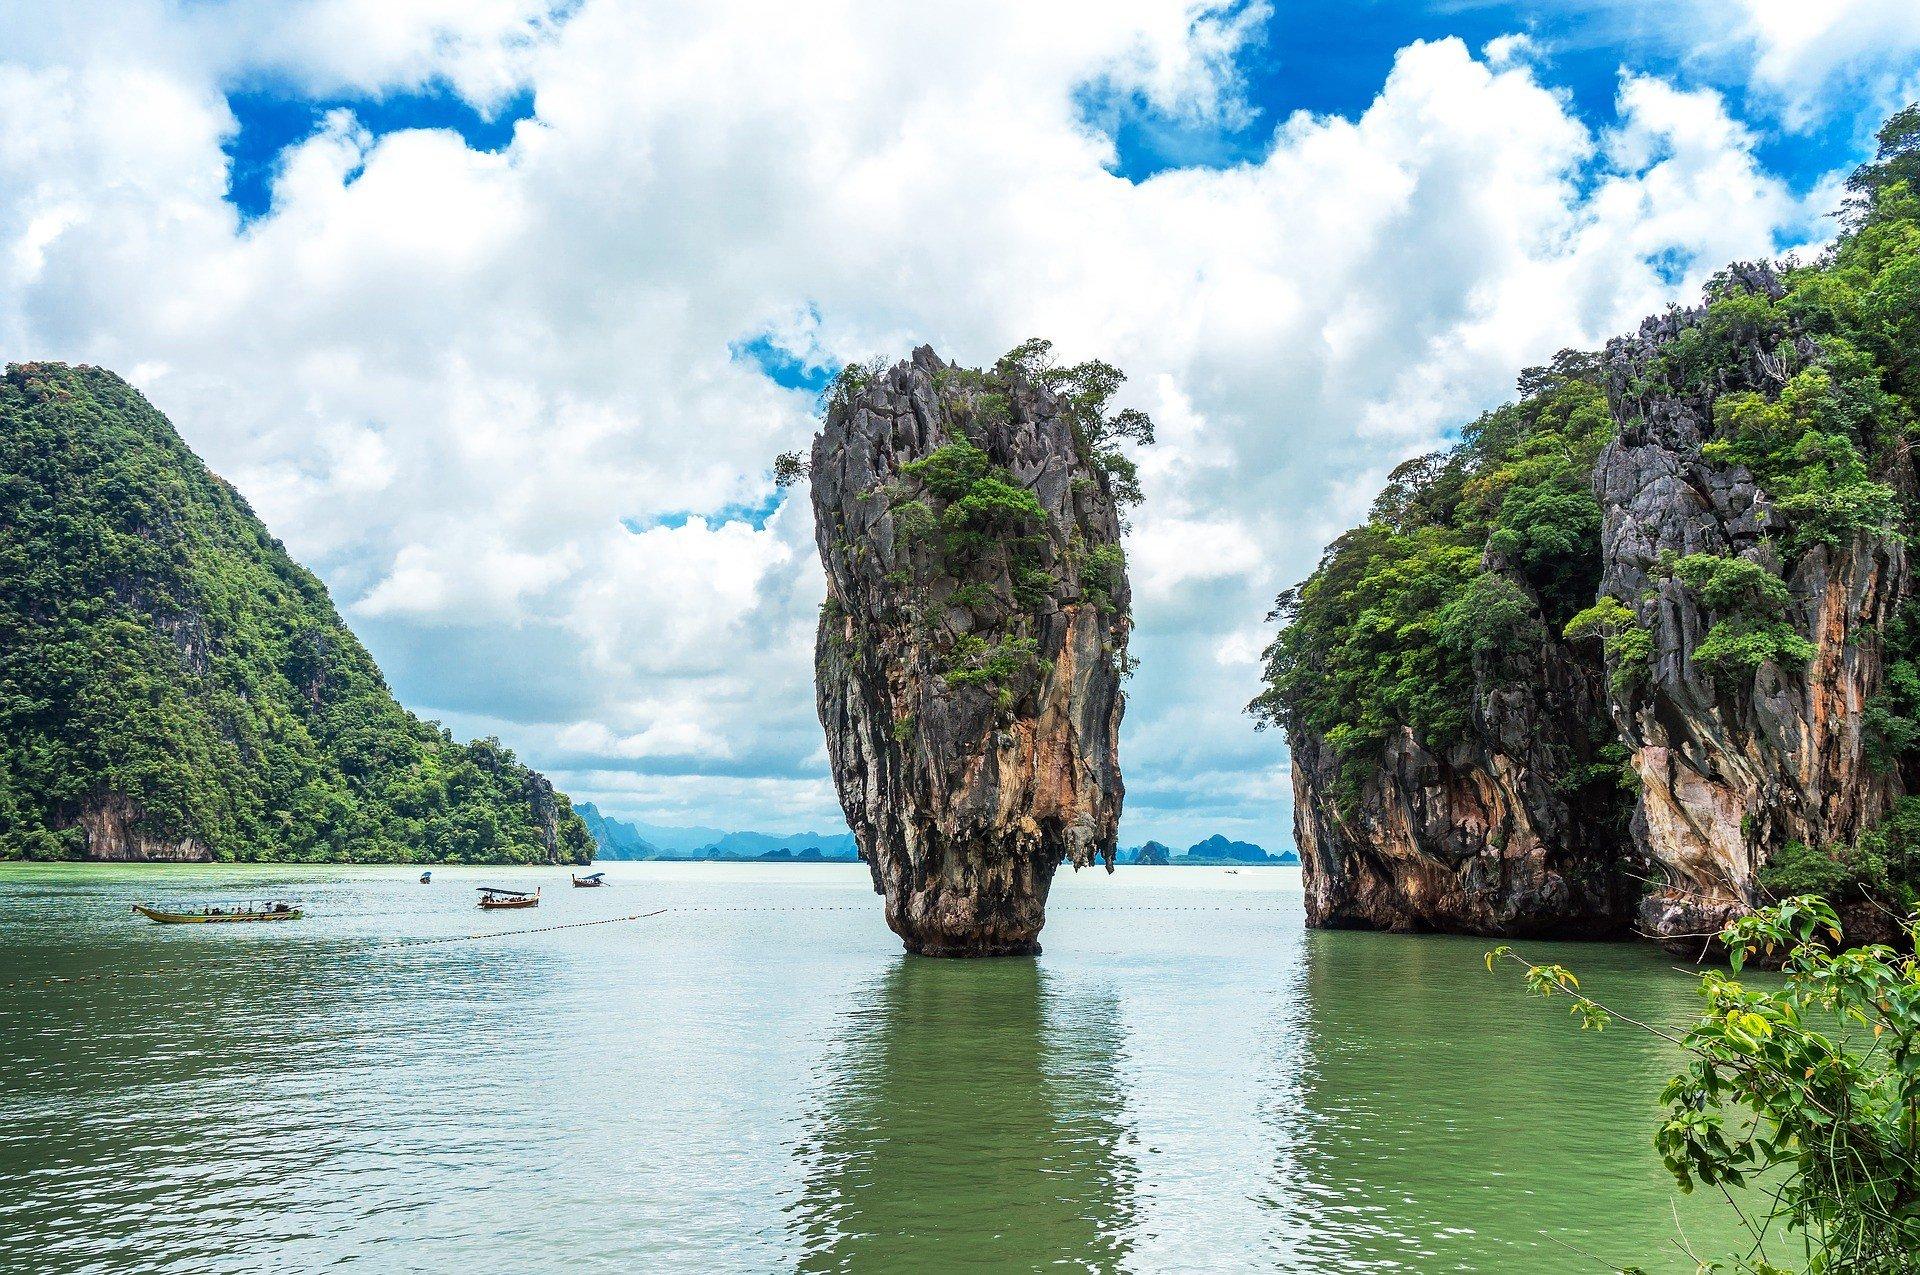 Phang Nga Bay in Thailand